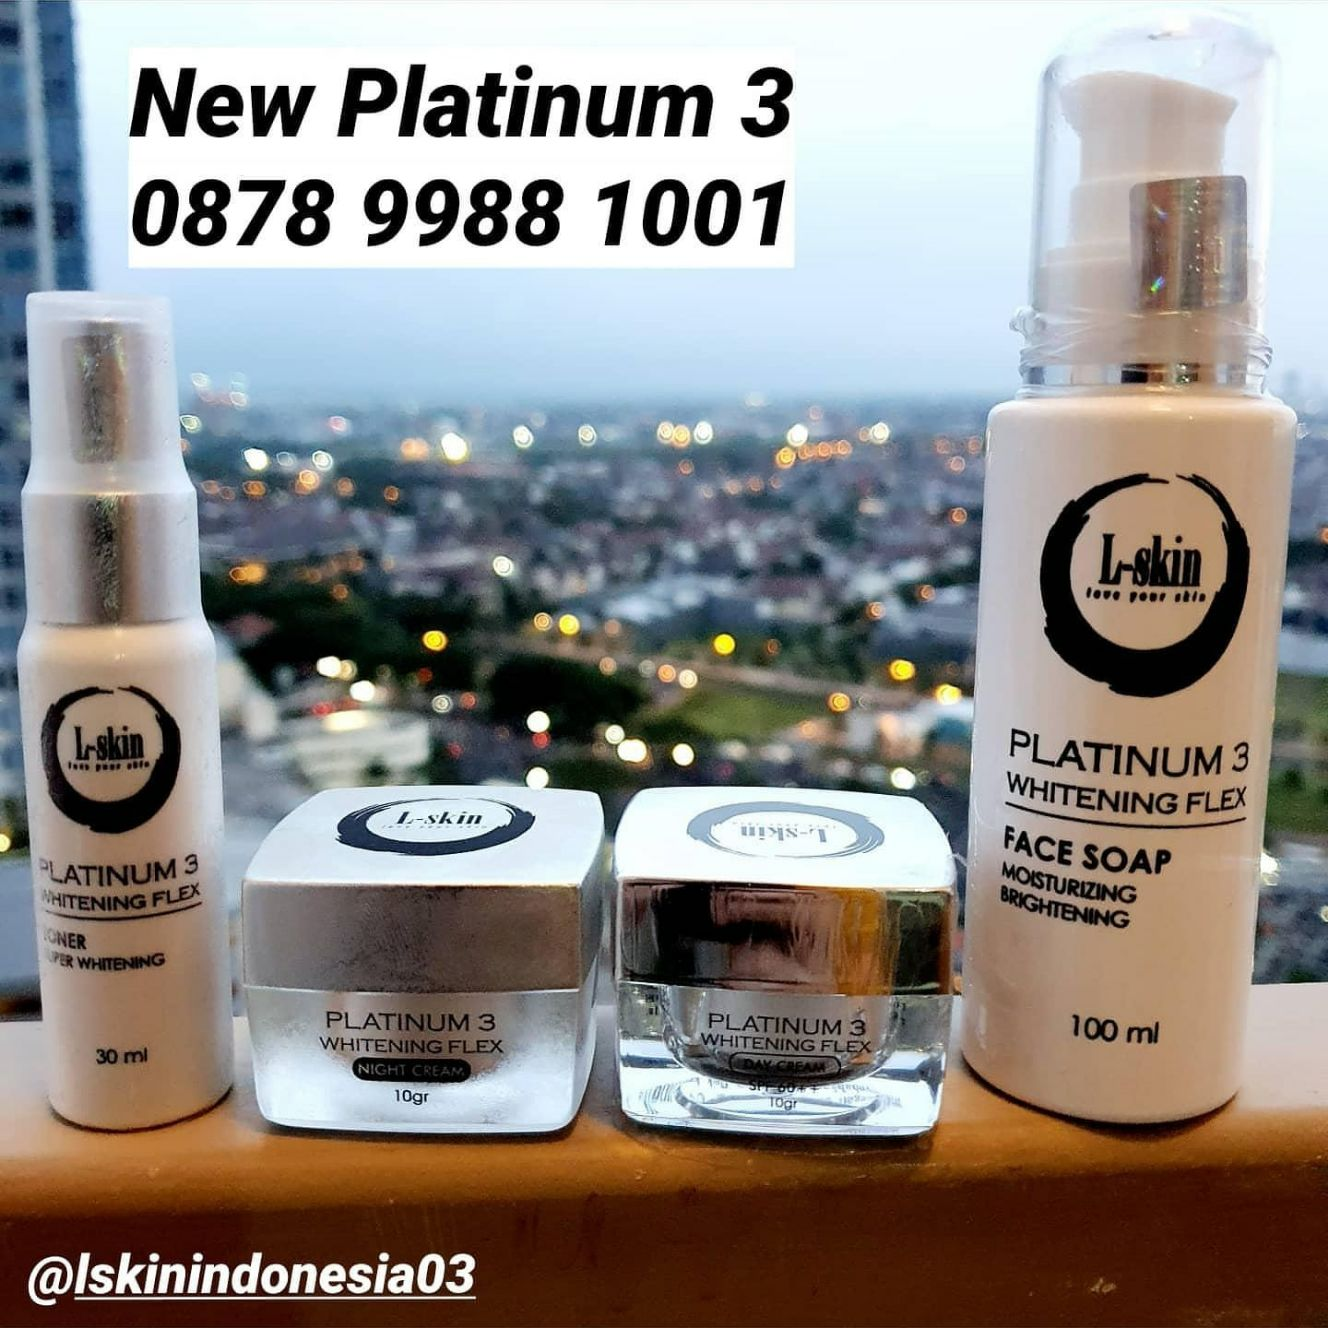 lskin / l-skin new platinum 3